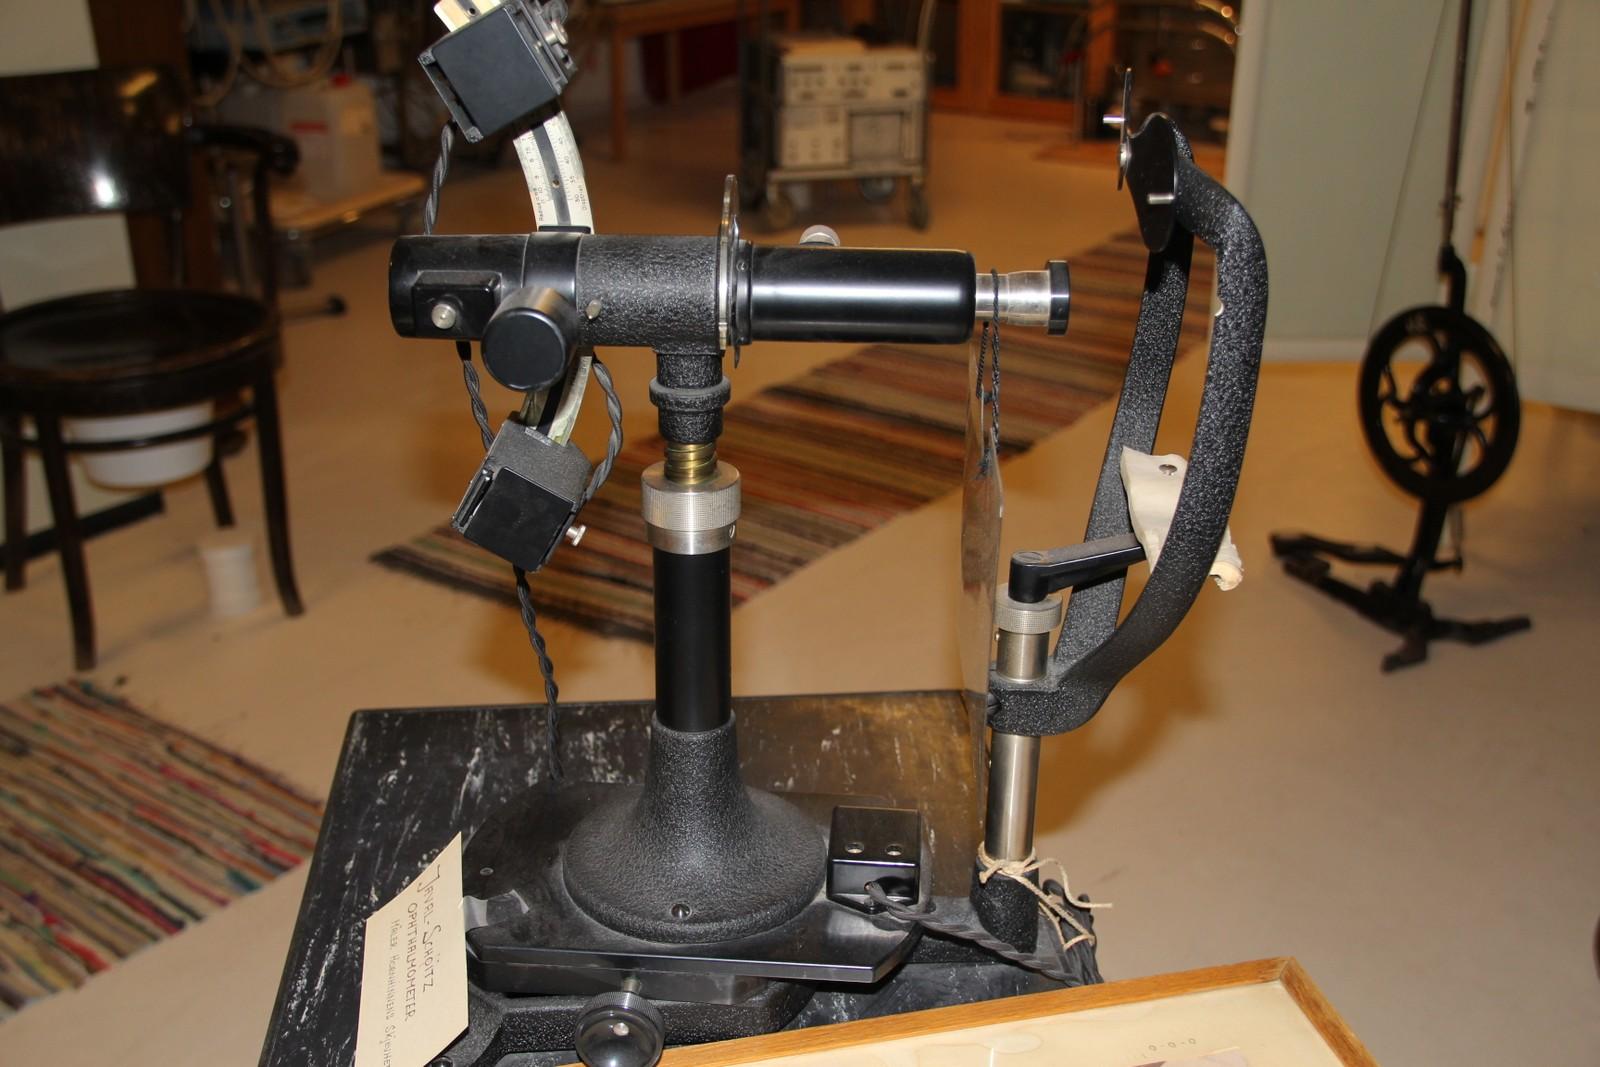 Apparat brukt for å måle hornhinnens skjevhet